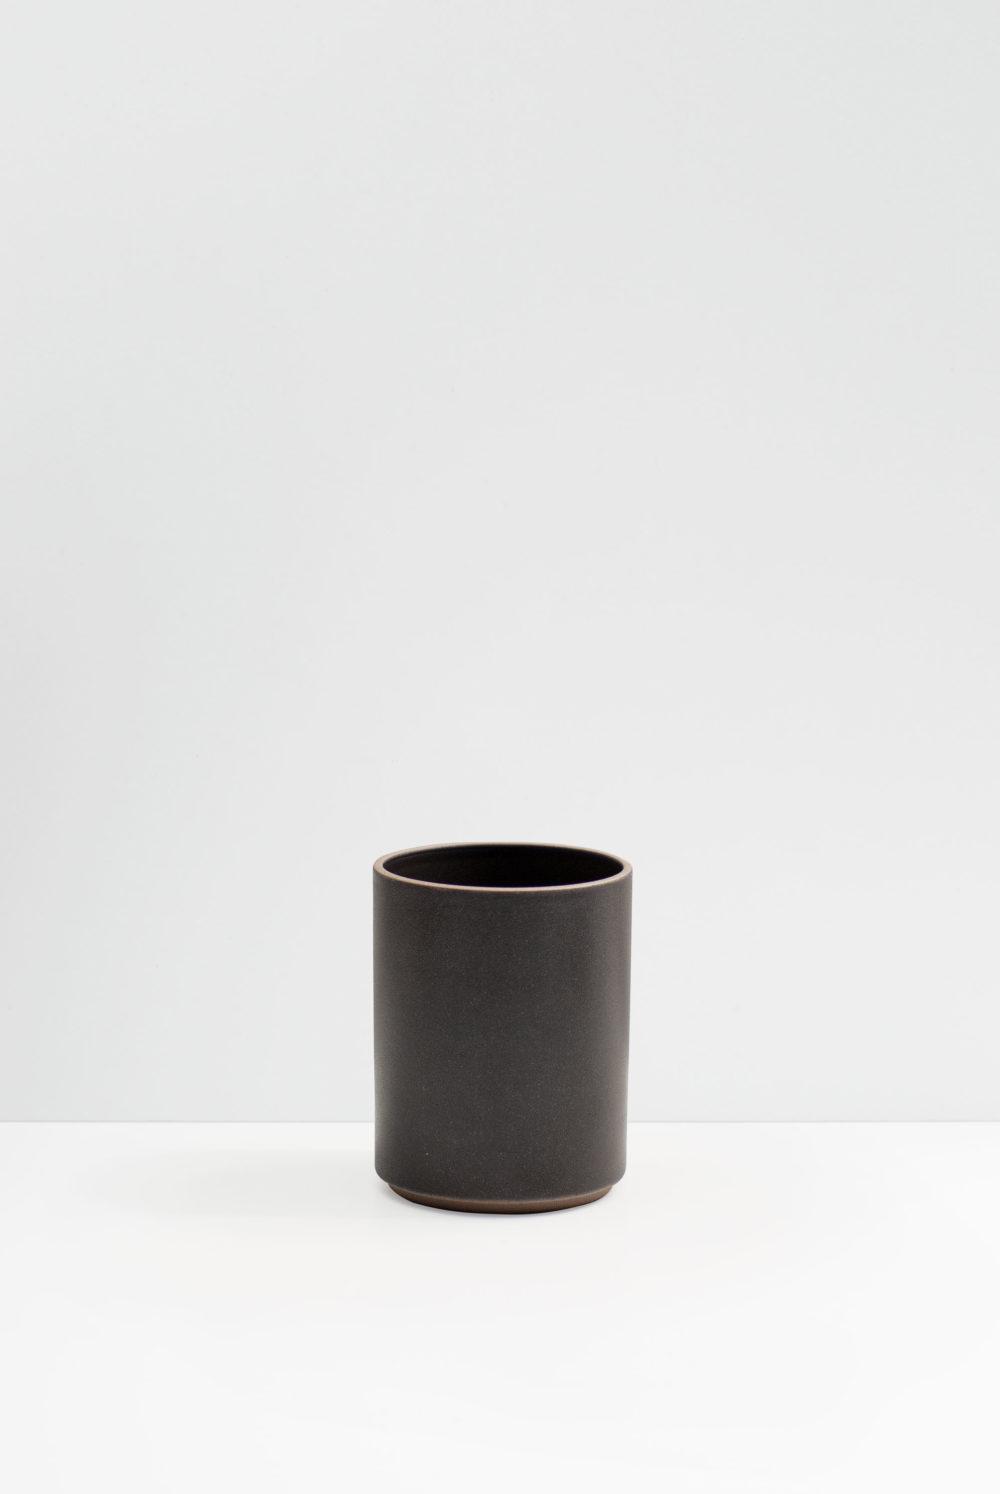 Hasami utensil holder in matte black